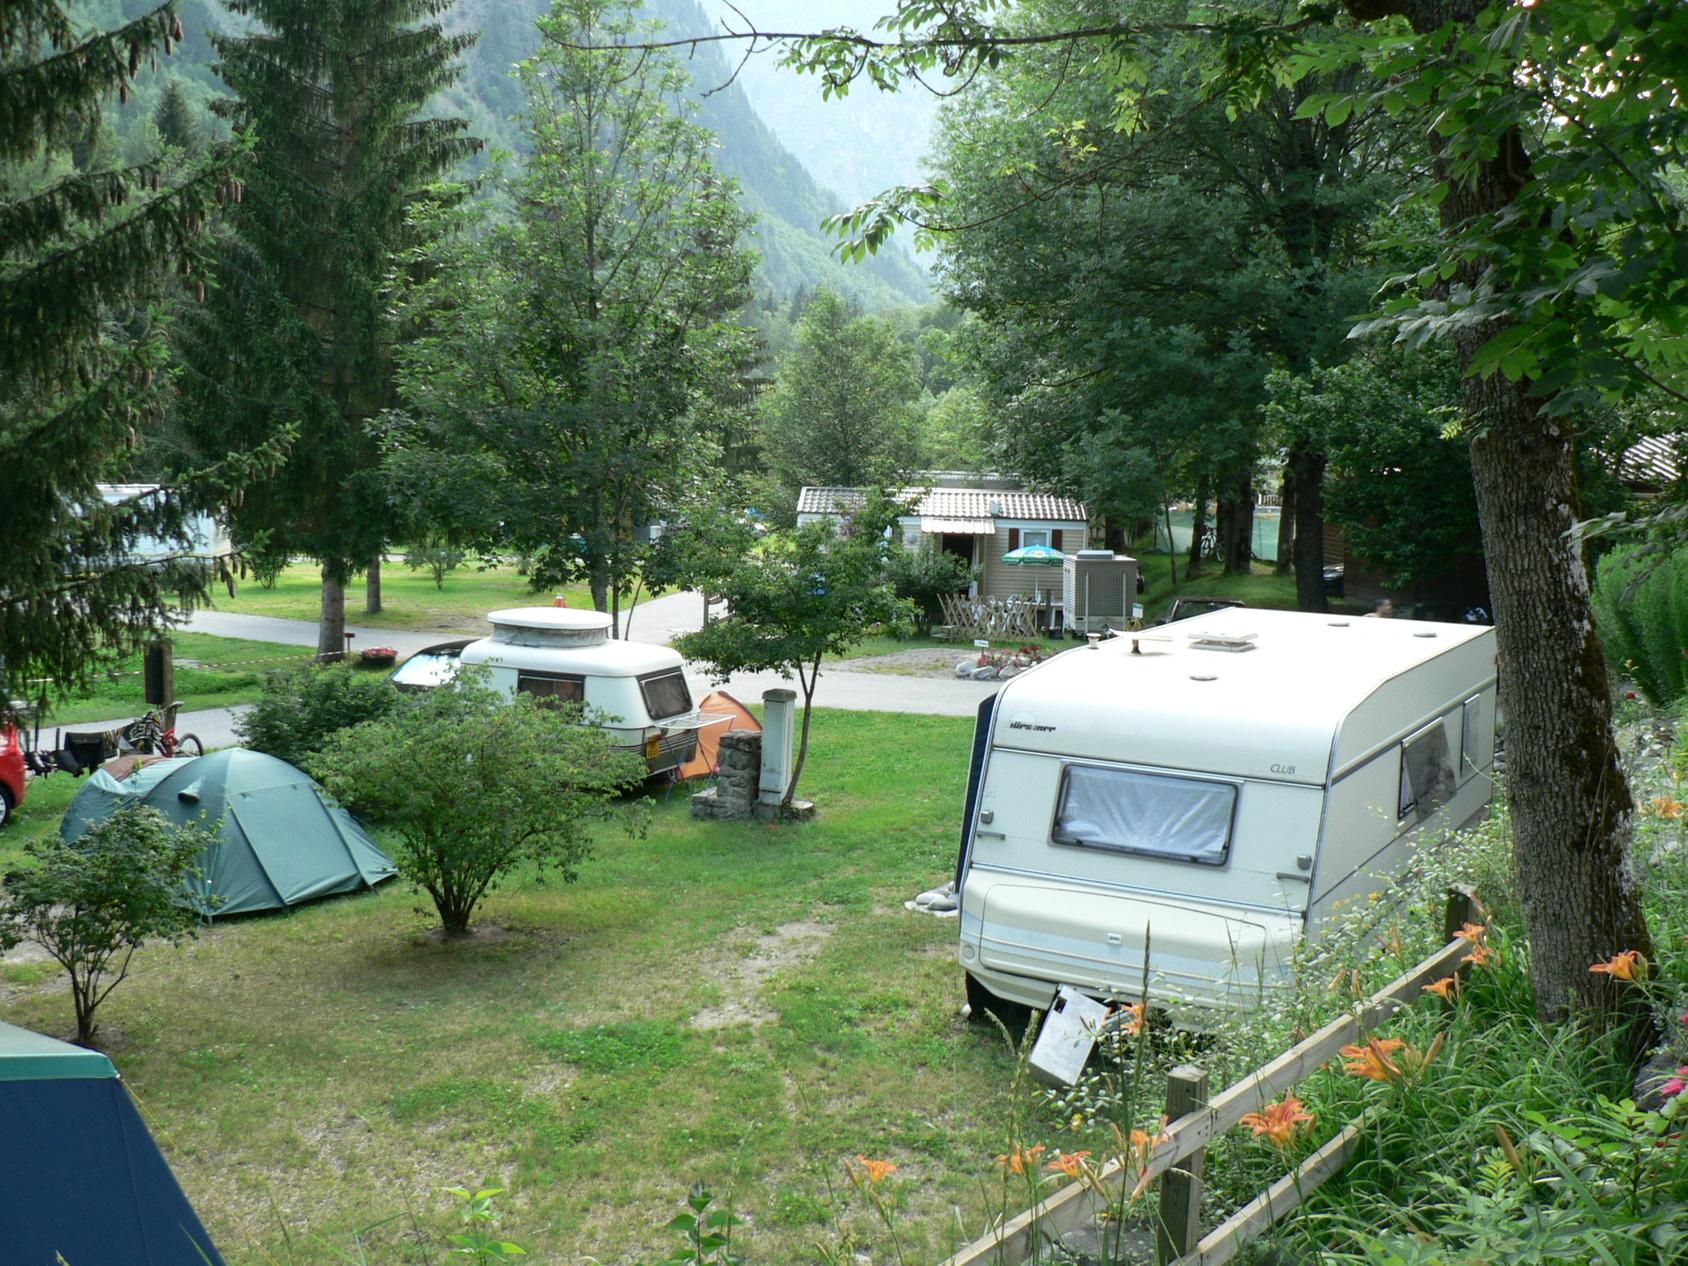 Frankrijk-Venosc-Camping%20Le%20Champ%20du%20Moulin-ExtraLarge Wintersport Frankrijk